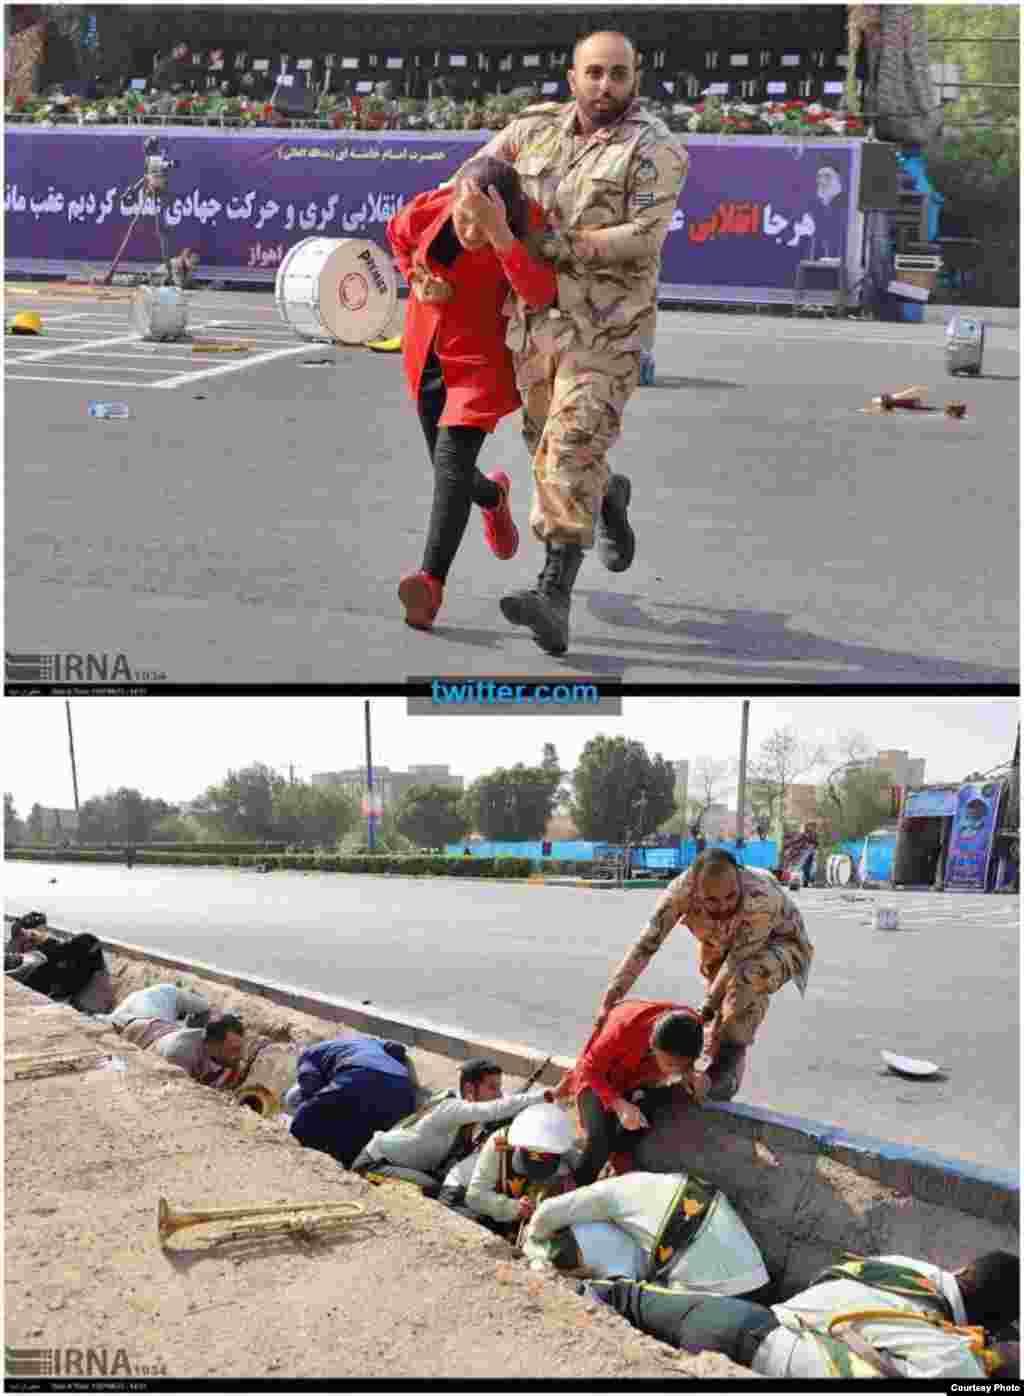 نیروهای امنیتی ایران در حال کمک به شهروندان آن کشور که در مراسم رسم گذشت اشتراک کرده بودند